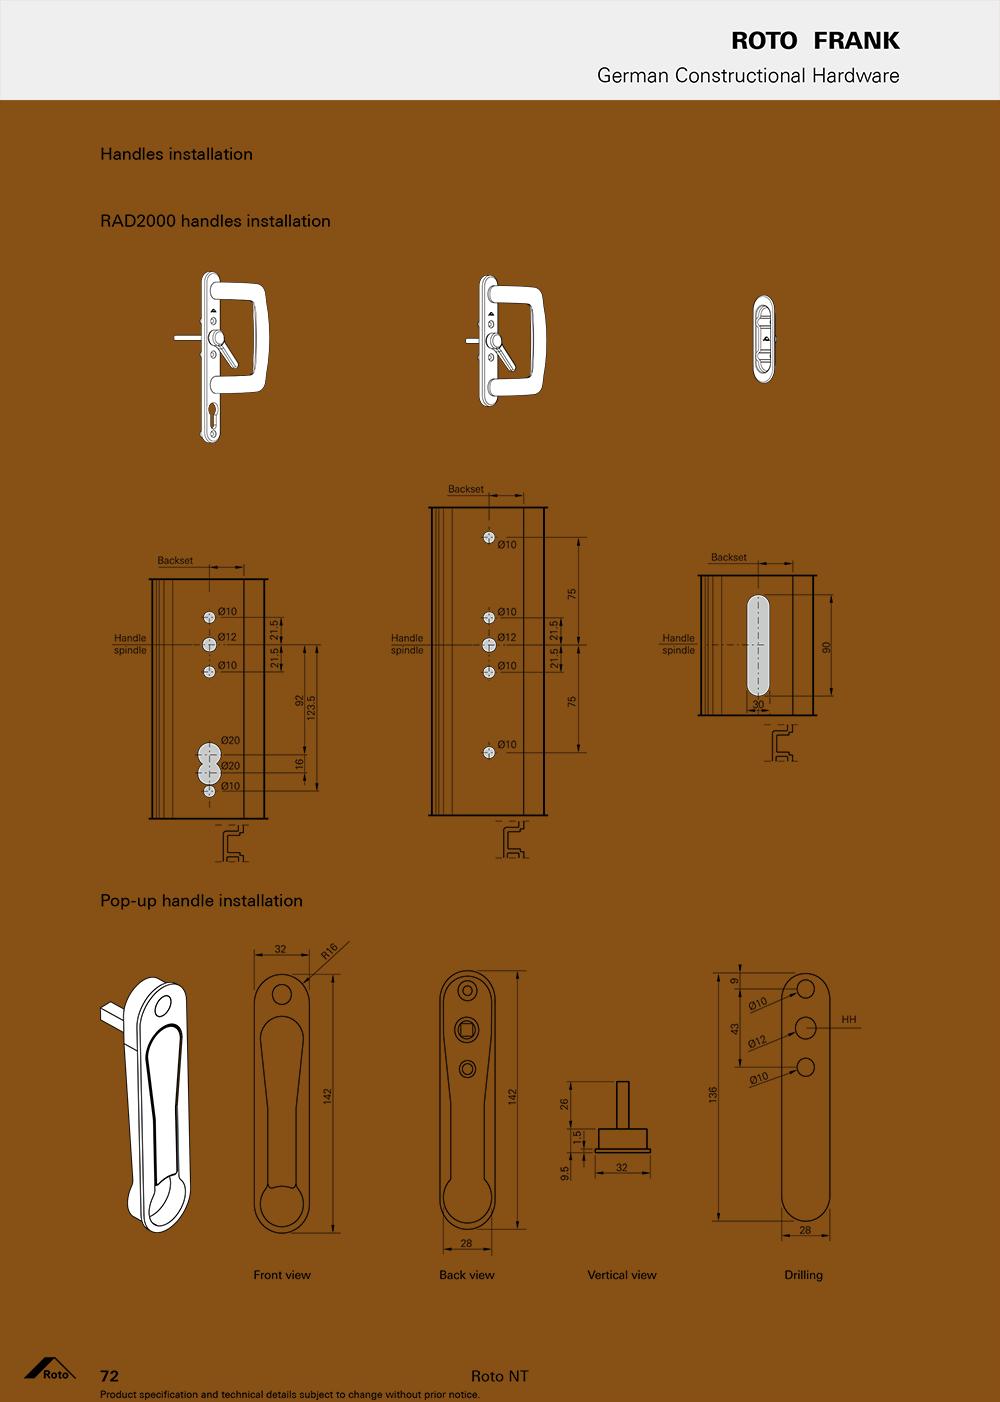 Các loại tay nắm dành riêng cho cửa trươt hãng Roto